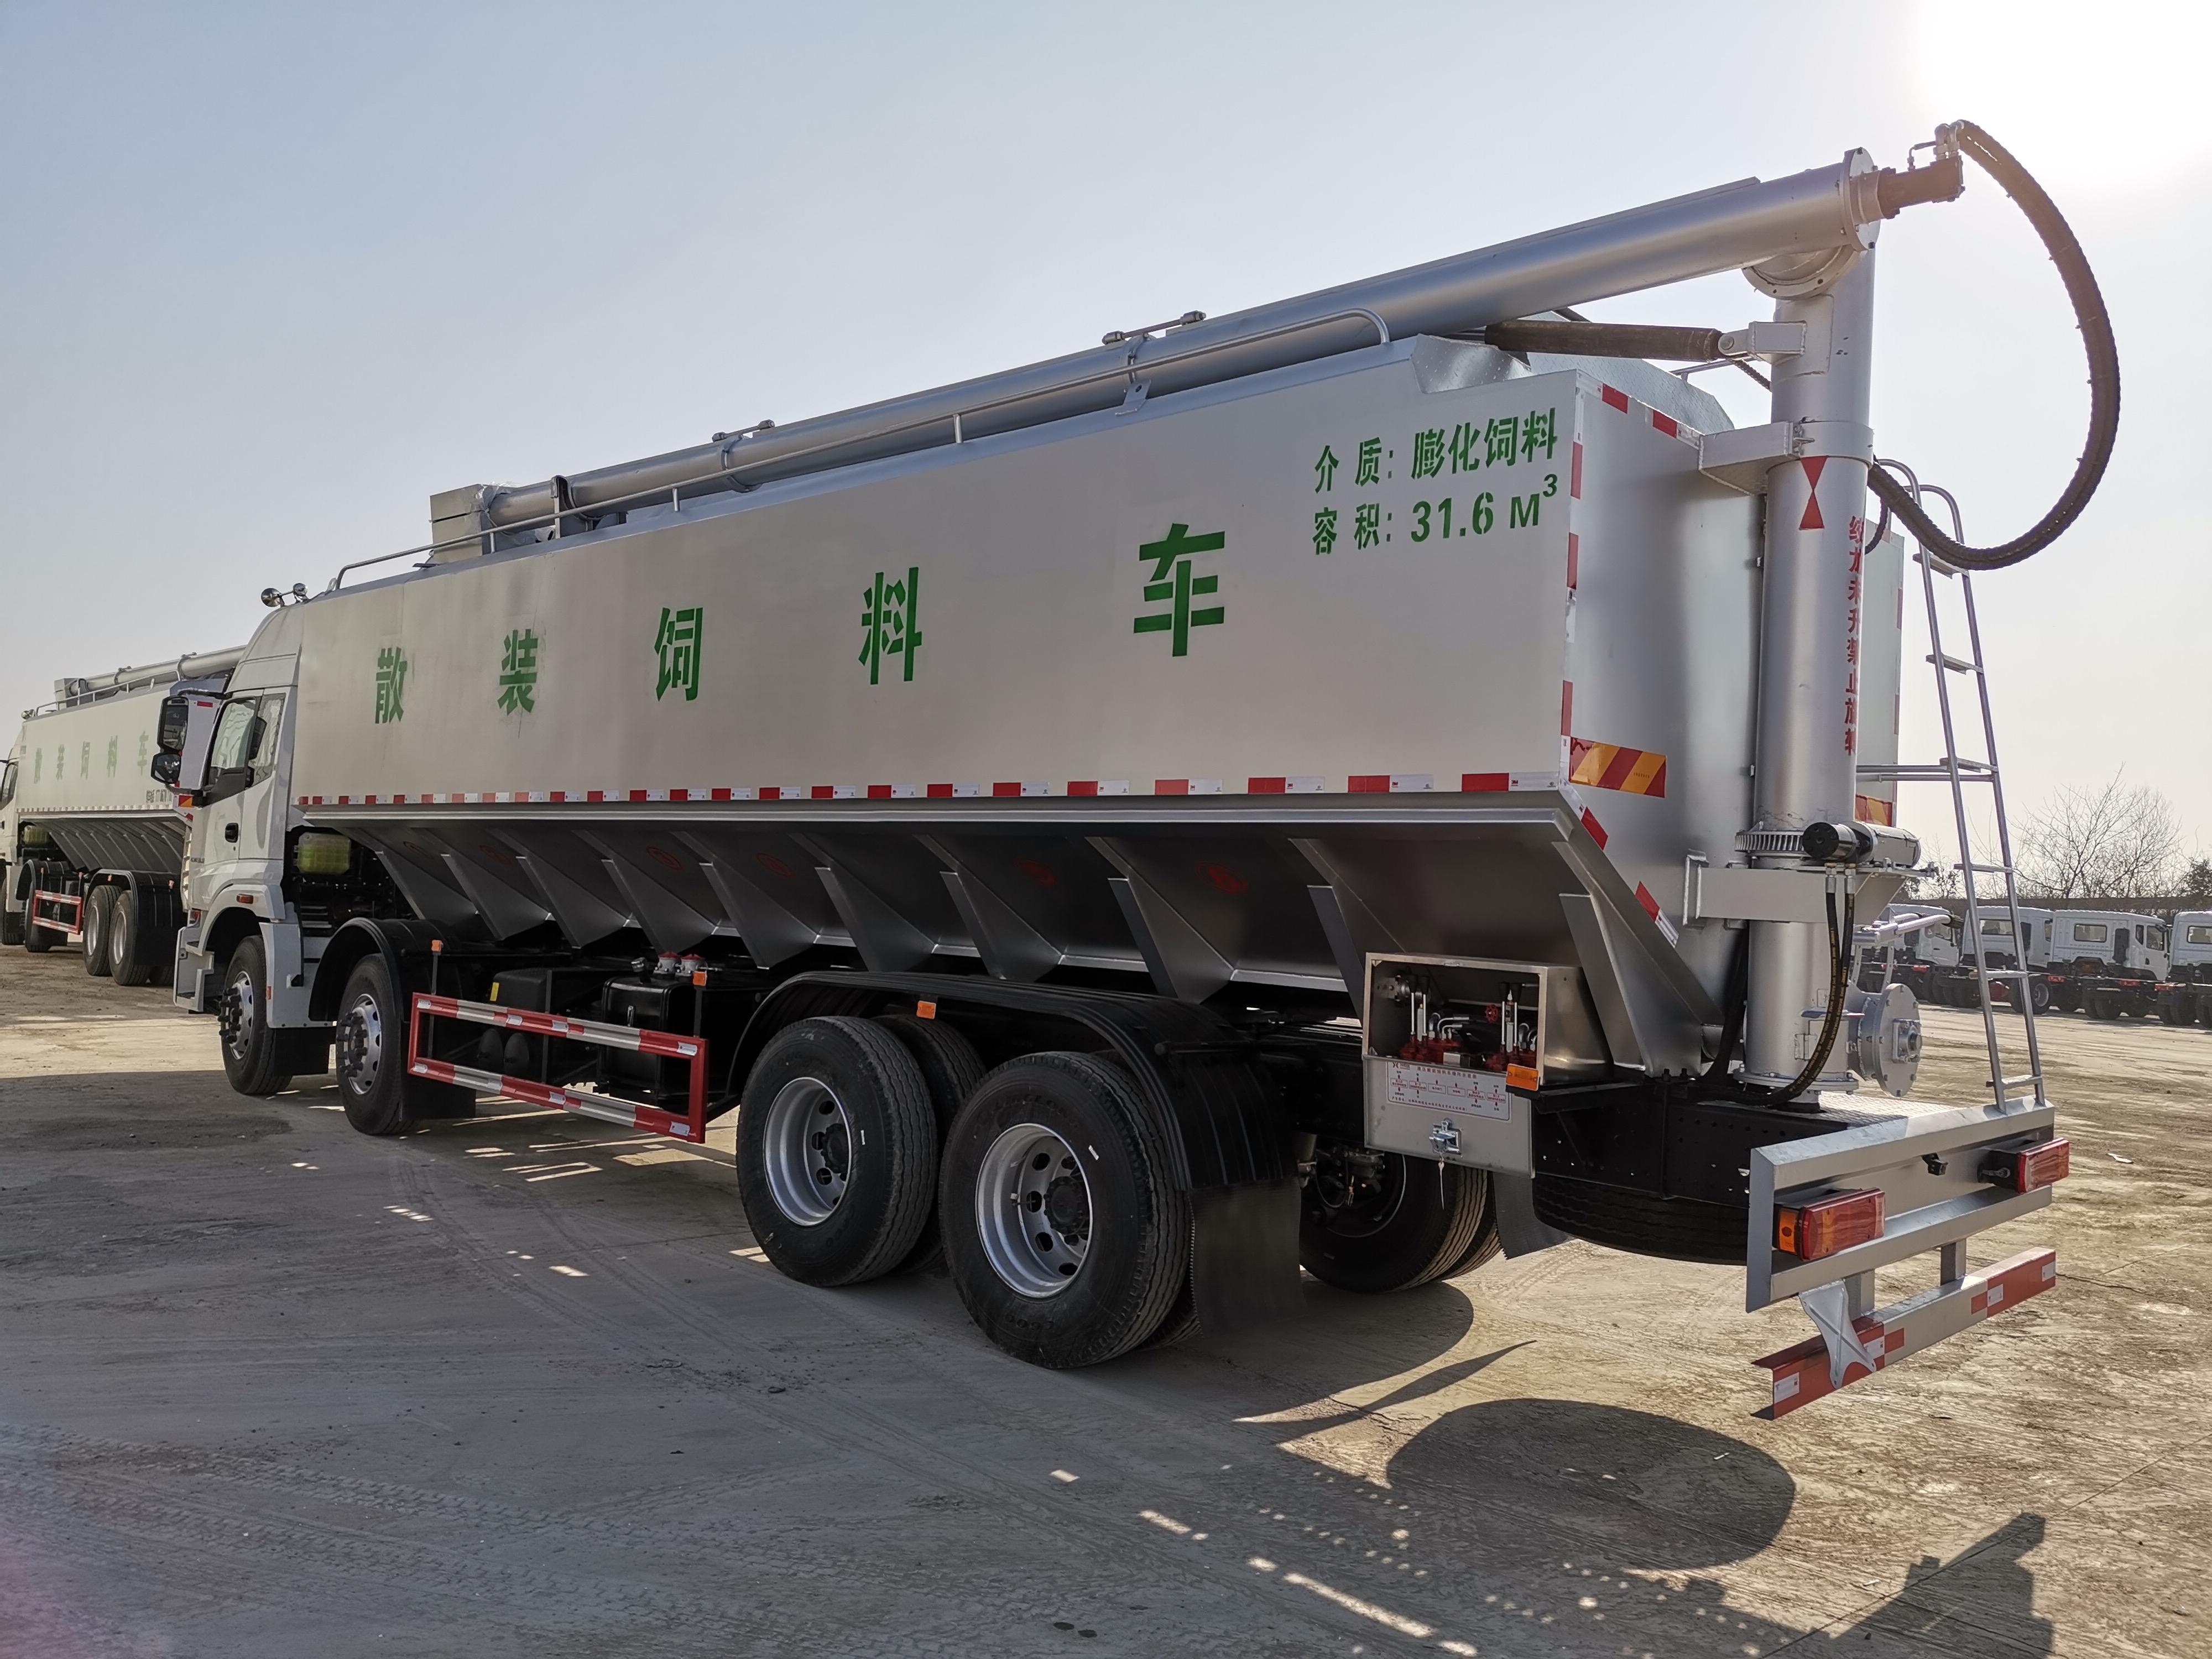 20吨国六东风天龙前四后八铝合金散装饲料车360马力源头厂家货源